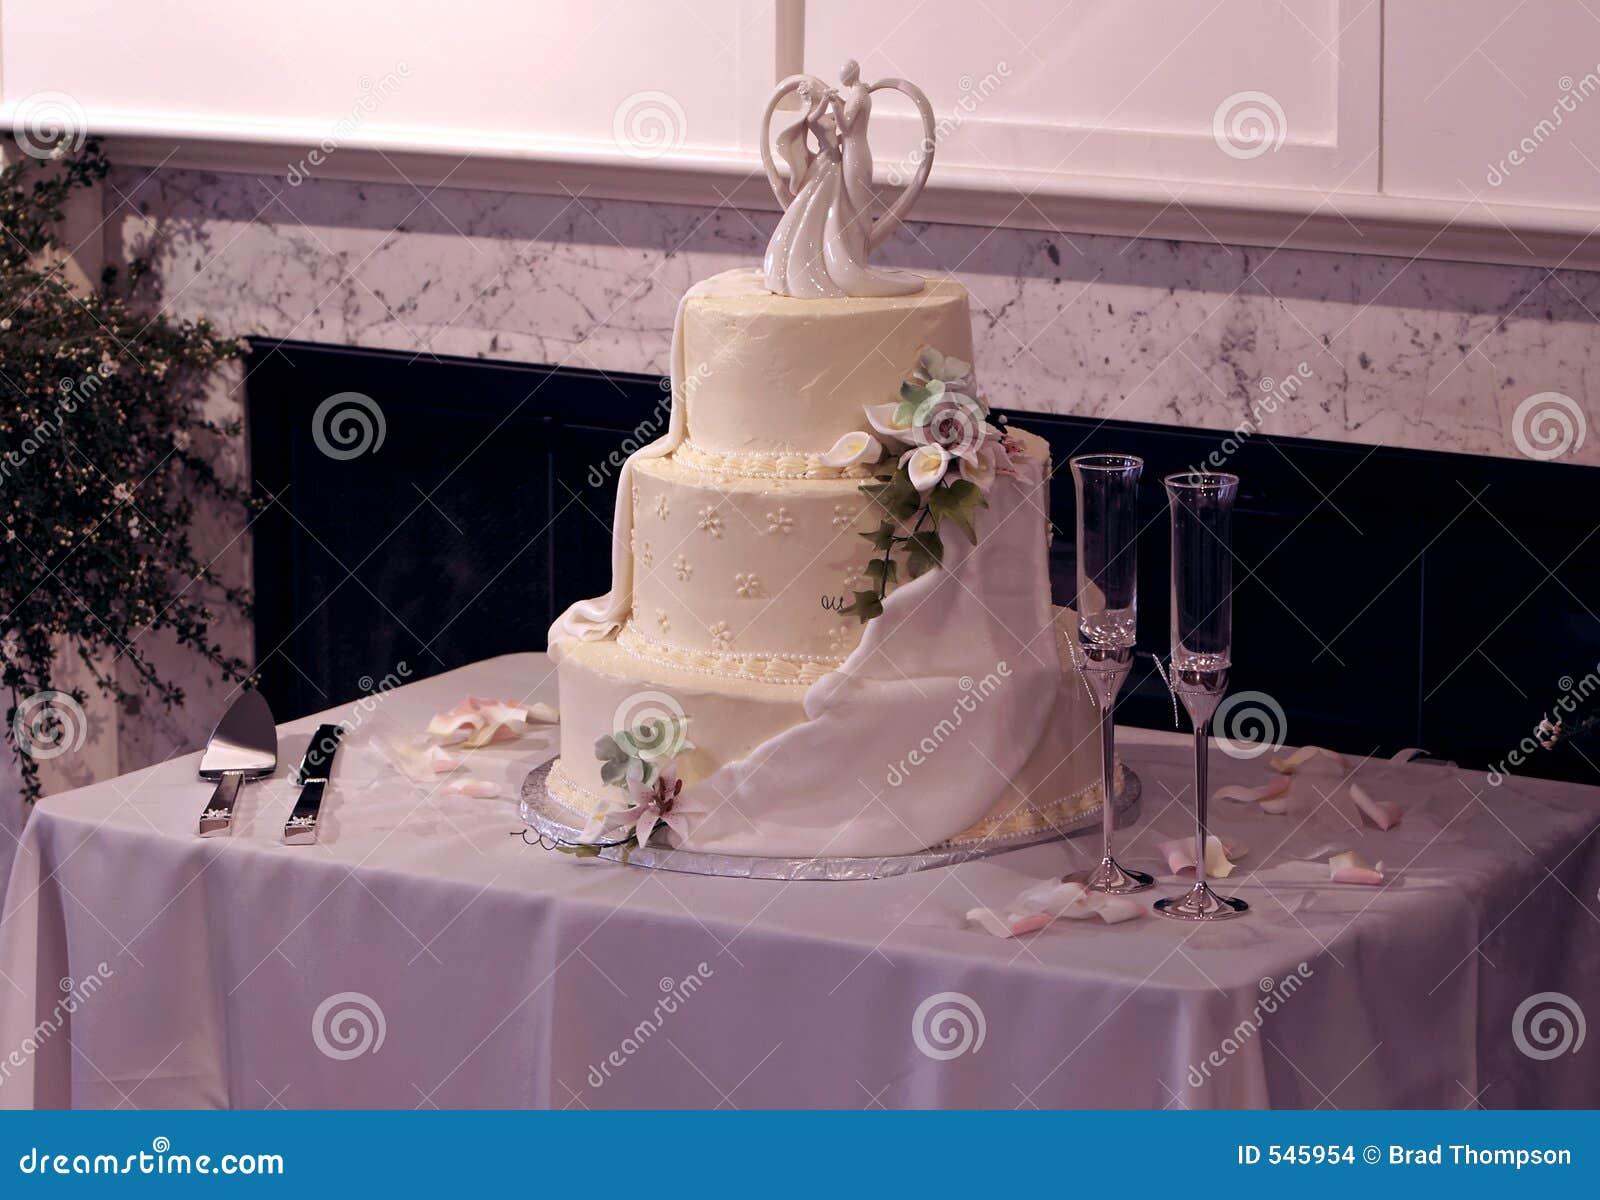 Download 美丽的蛋糕香槟玻璃多层婚礼 库存照片. 图片 包括有 装饰, 可口, 结冰, 大理石, 结婚, 婚姻, 飞雪 - 545954